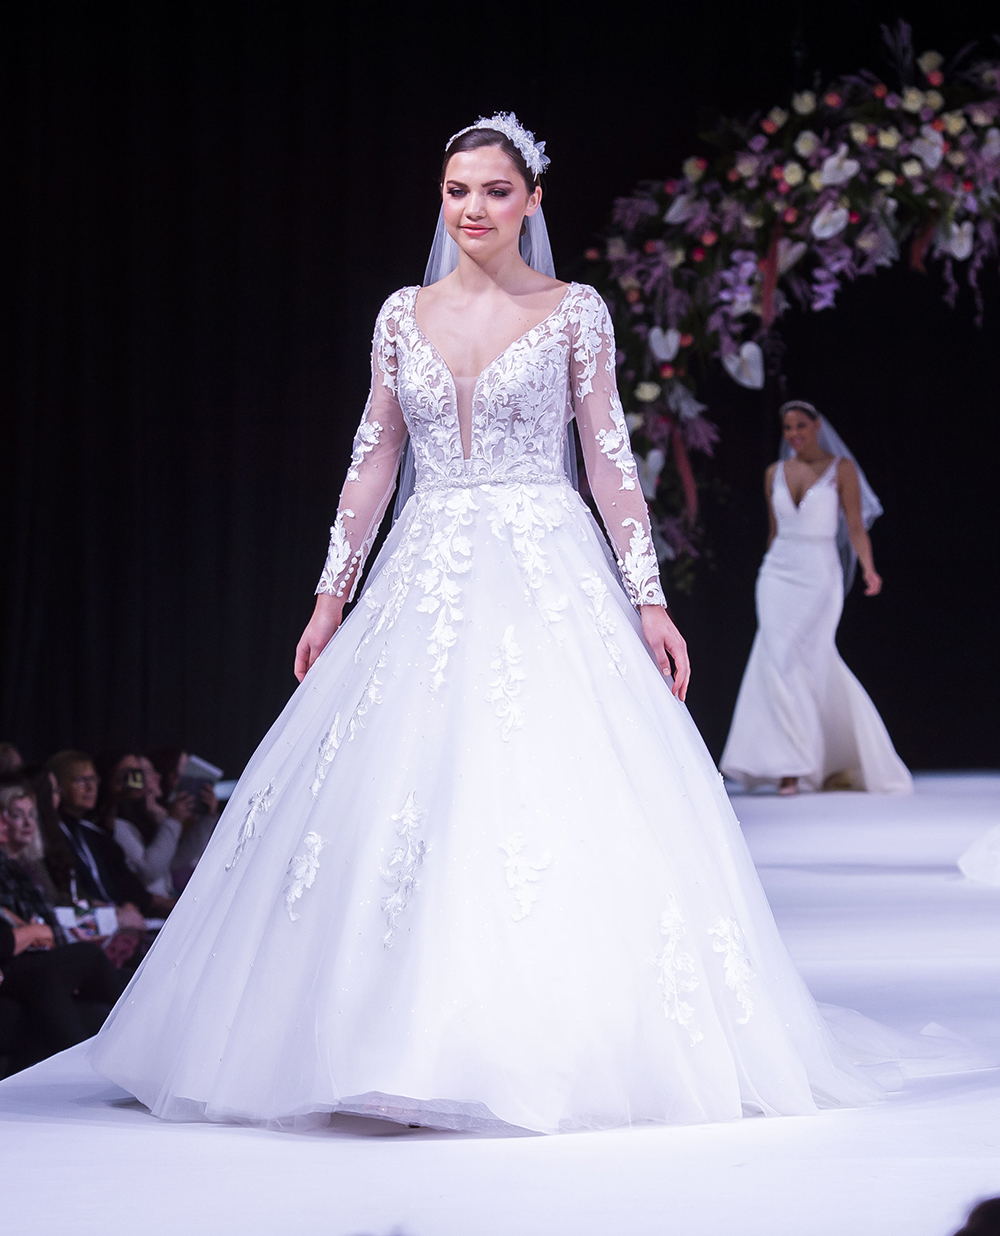 Angelique Lamont Scottish Wedding Show Wedding Dress